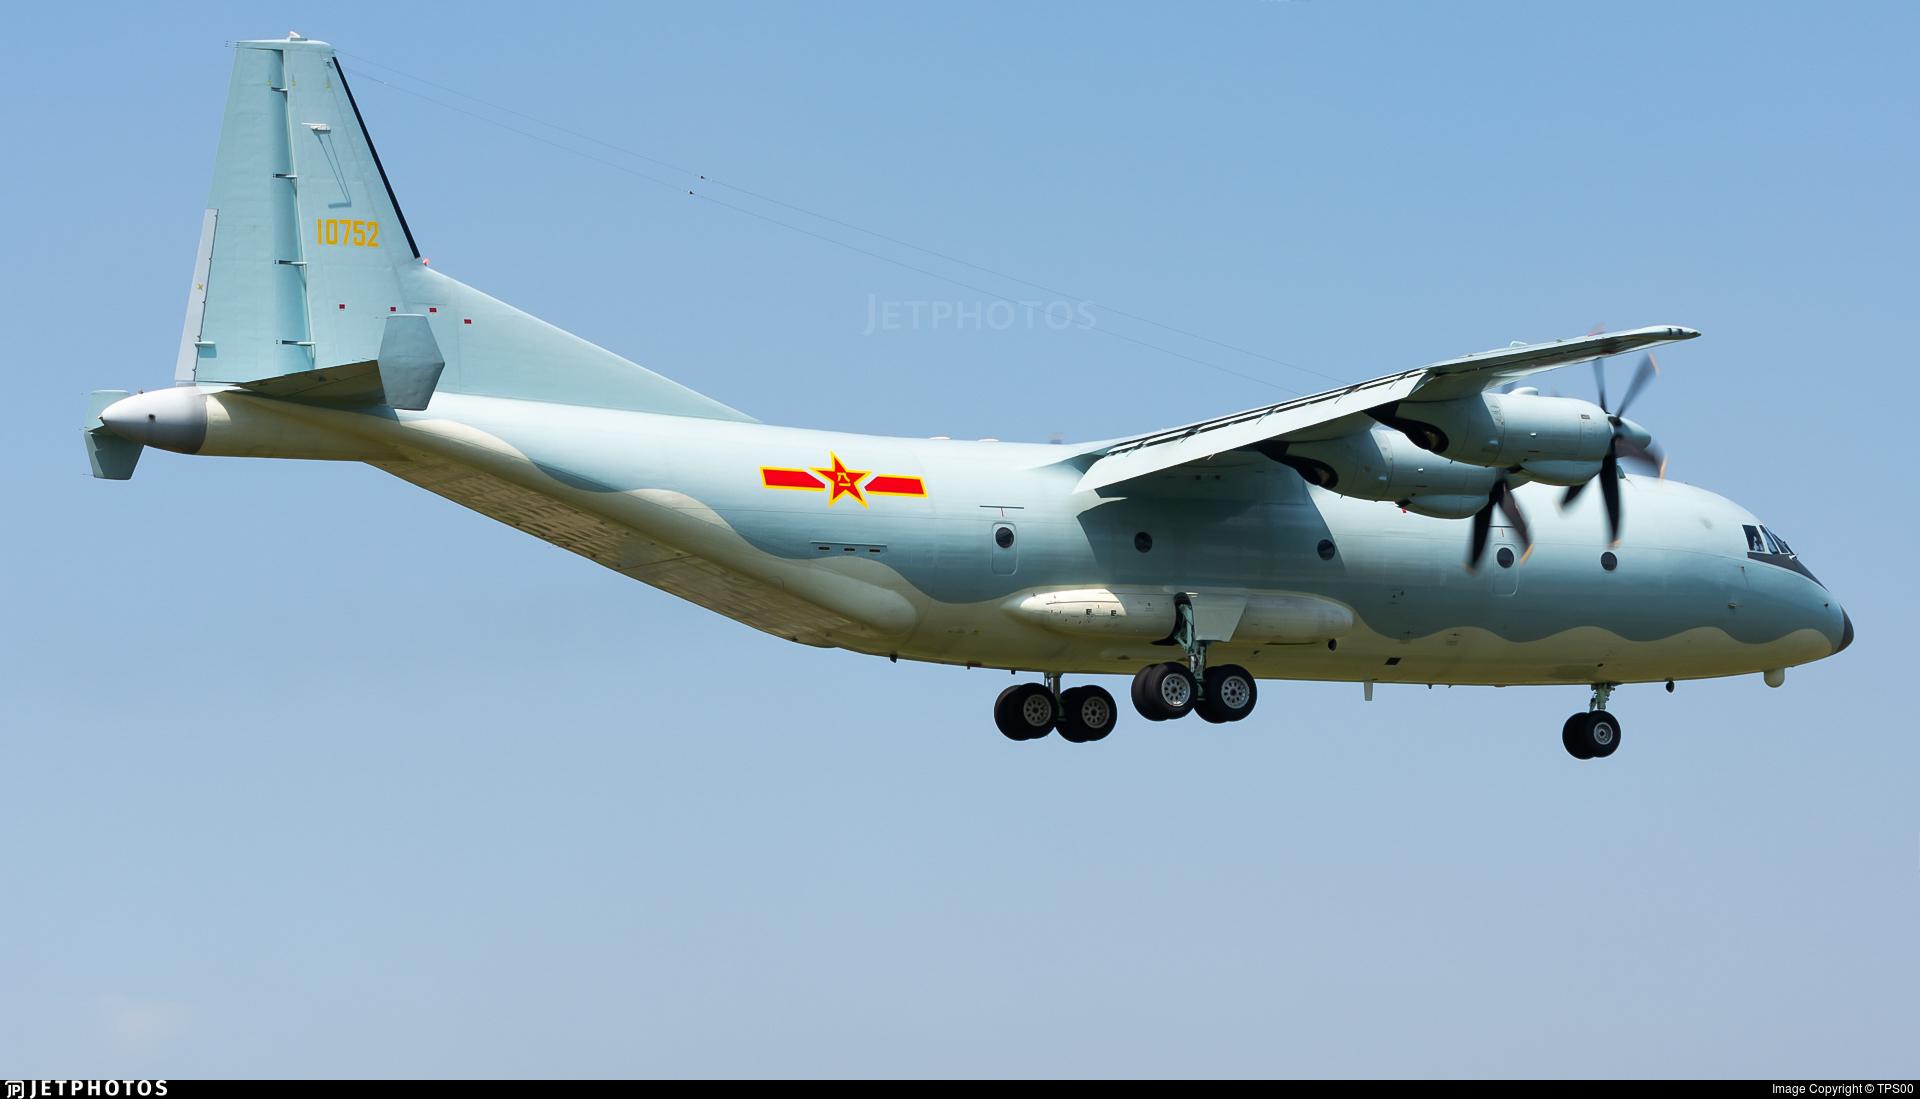 10752 - Shaanxi Y-9 - China - Air Force